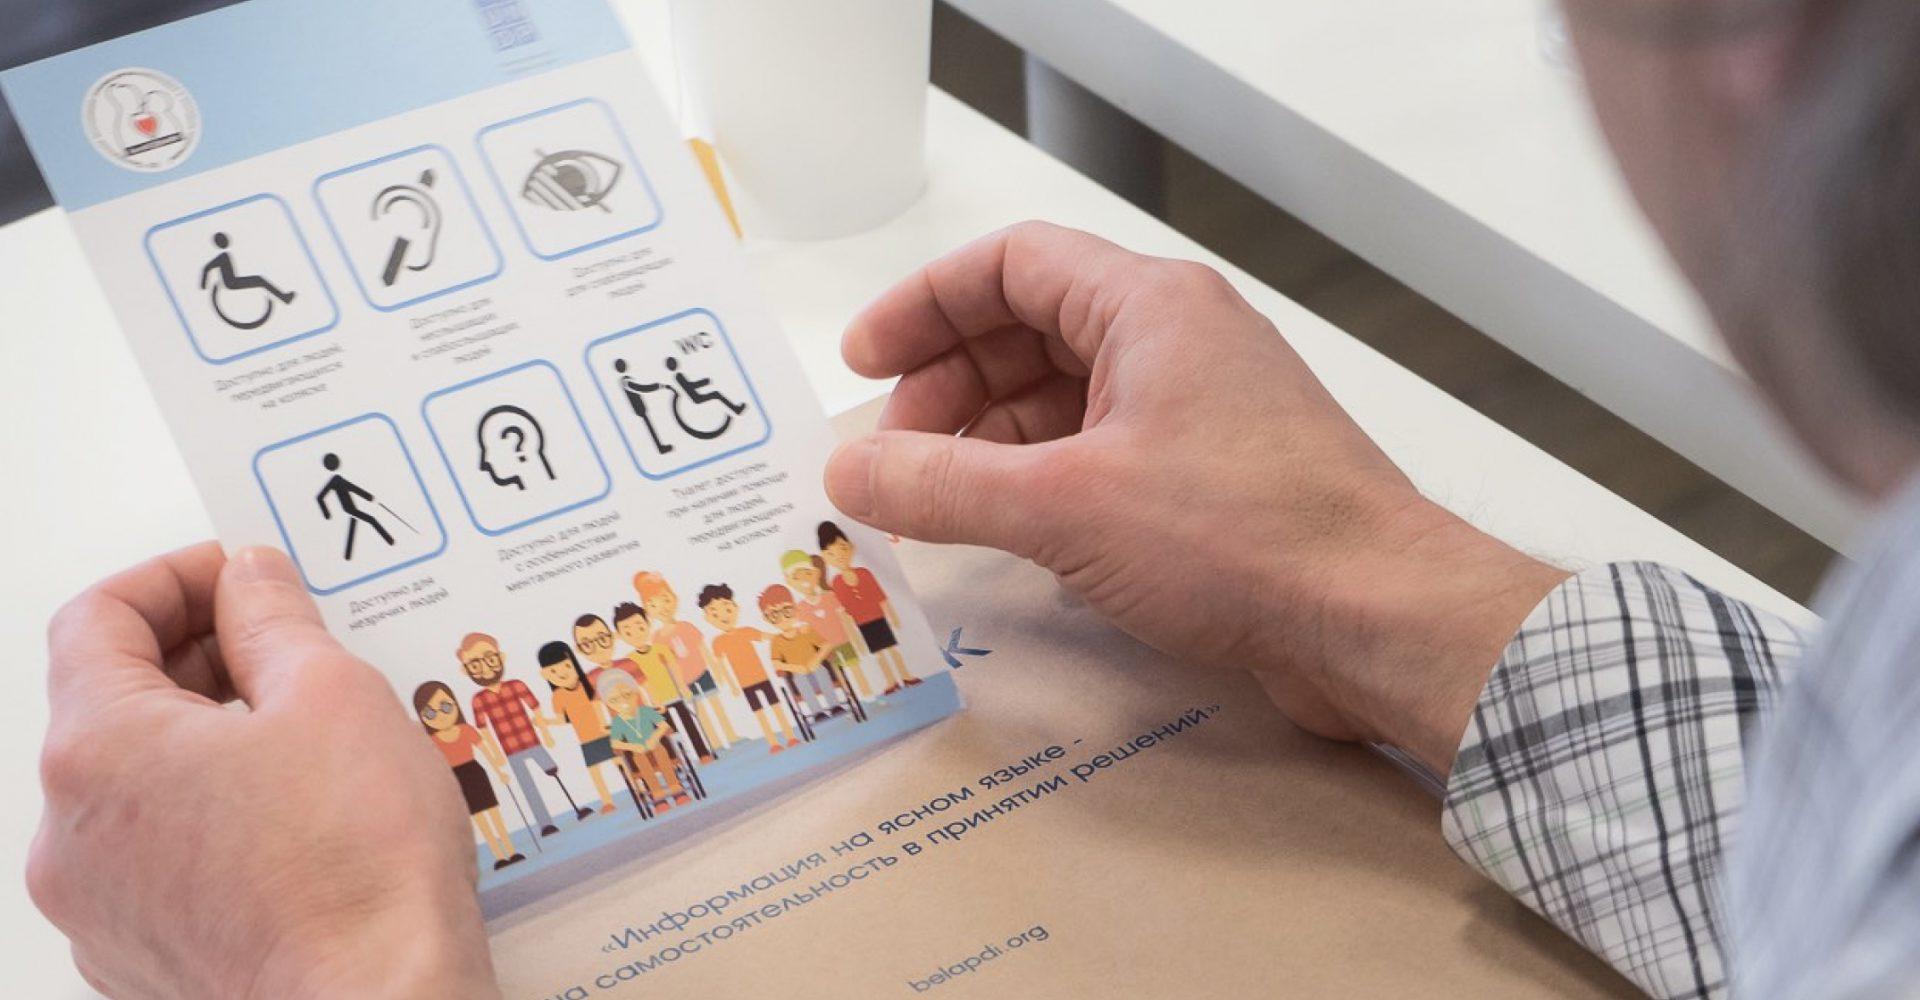 Доступ к информации для людей с инвалидностью или Ясный язык